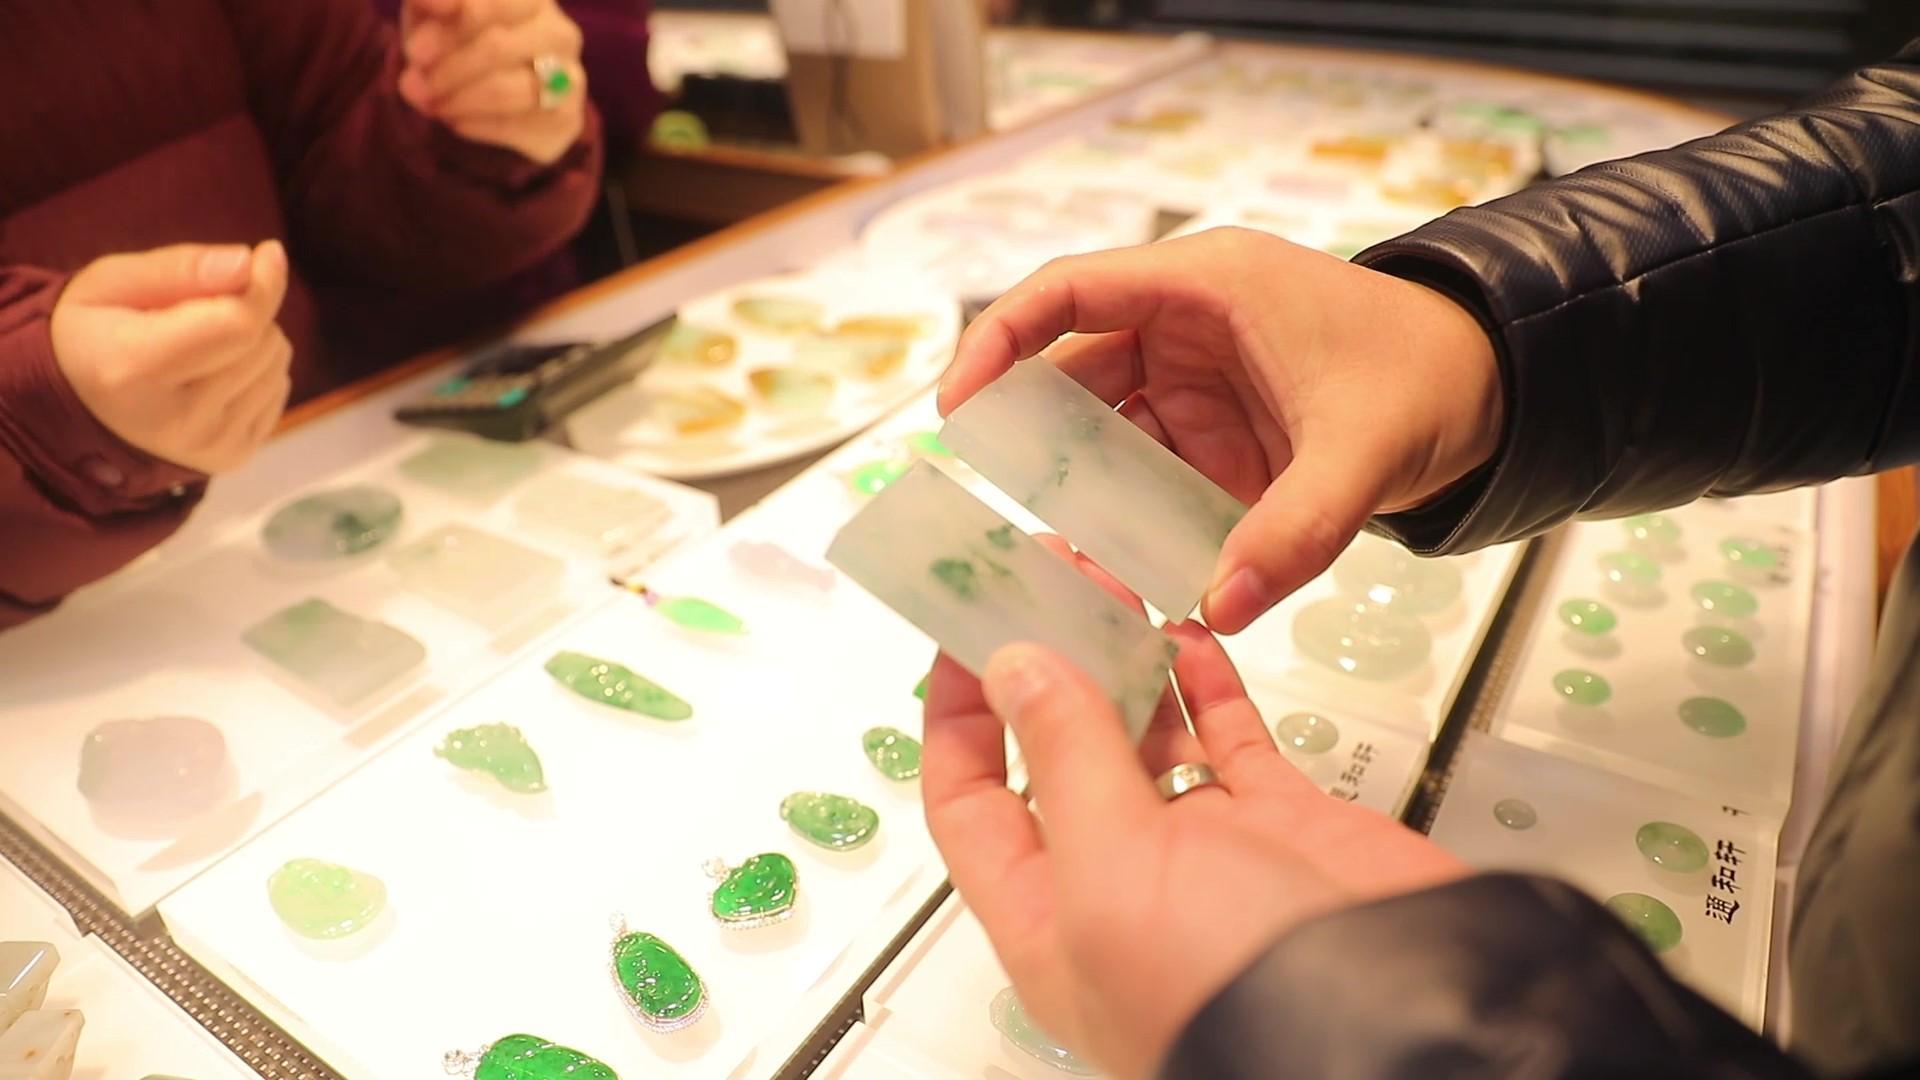 网购翡翠货不对版买贵现象泛滥,对庄翡翠app帮你避坑